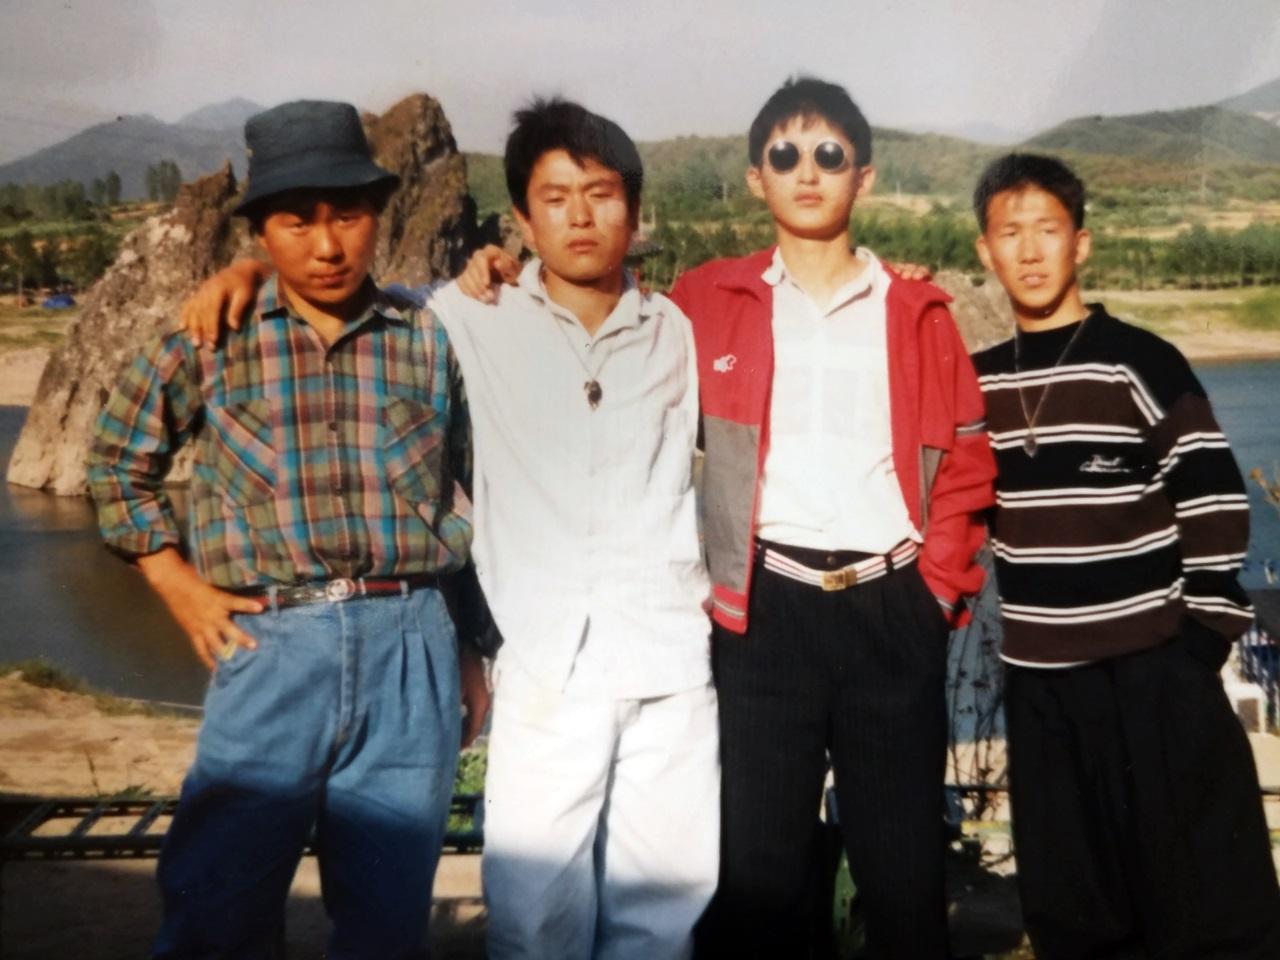 노화도 친구들과 함께 한 어린시절의 박준영 변호사(오른쪽에서 두 번째 선글라스 낀 소년)